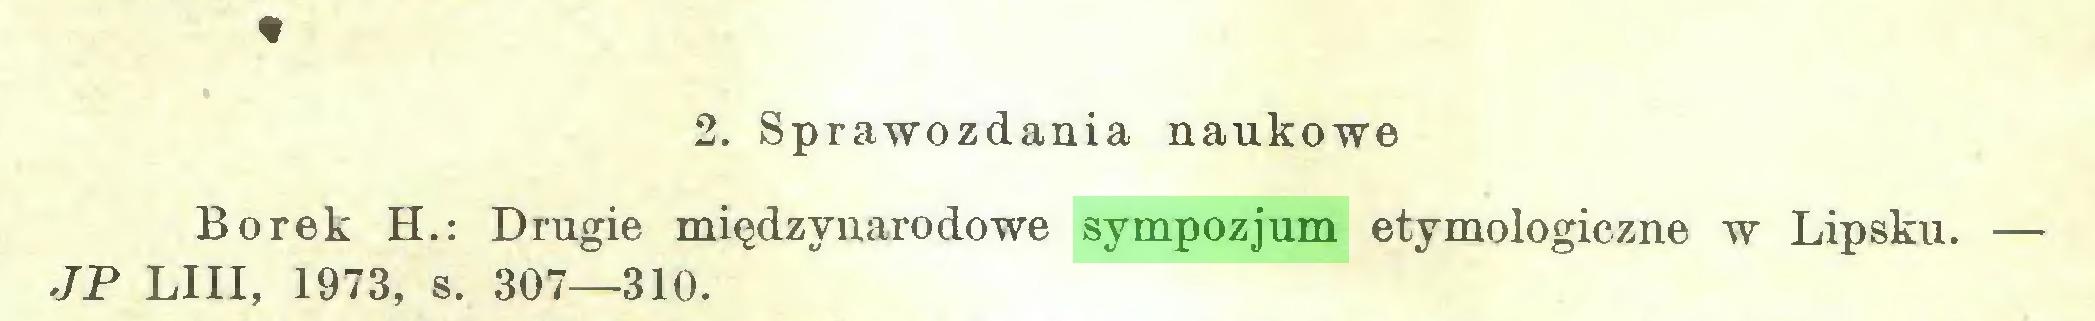 (...) * 2. Sprawozdania naukowe Borek H.: Drugie międzynarodowe sympozjum etymologiczne w Lipsku. — JP LIII, 1973, s. 307—310...